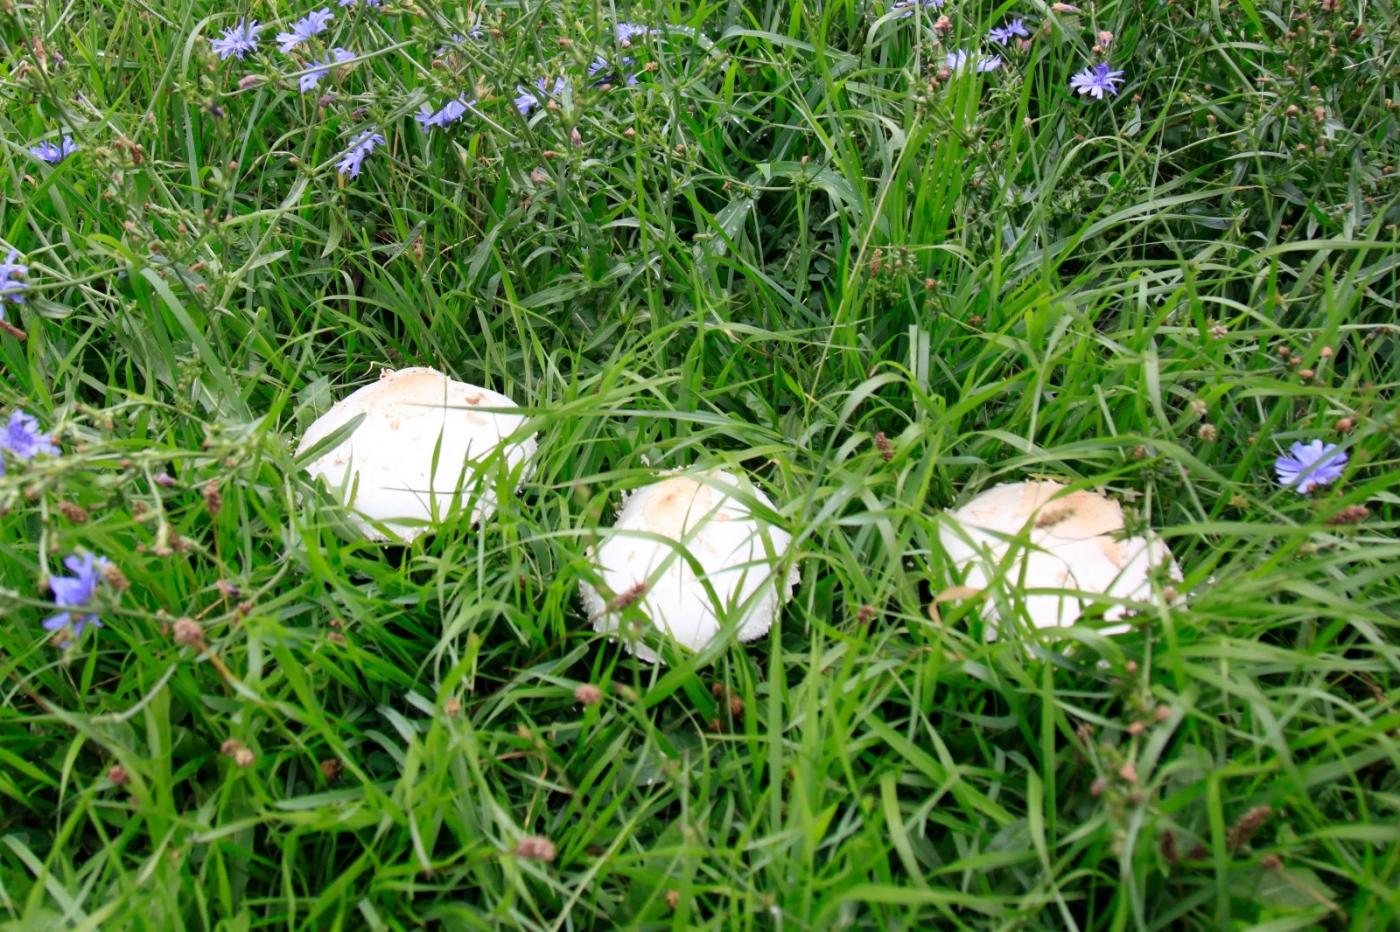 几场大雨后,法拉盛市政厅前的公园内长出了很大的野蘑菇! ..._图1-3